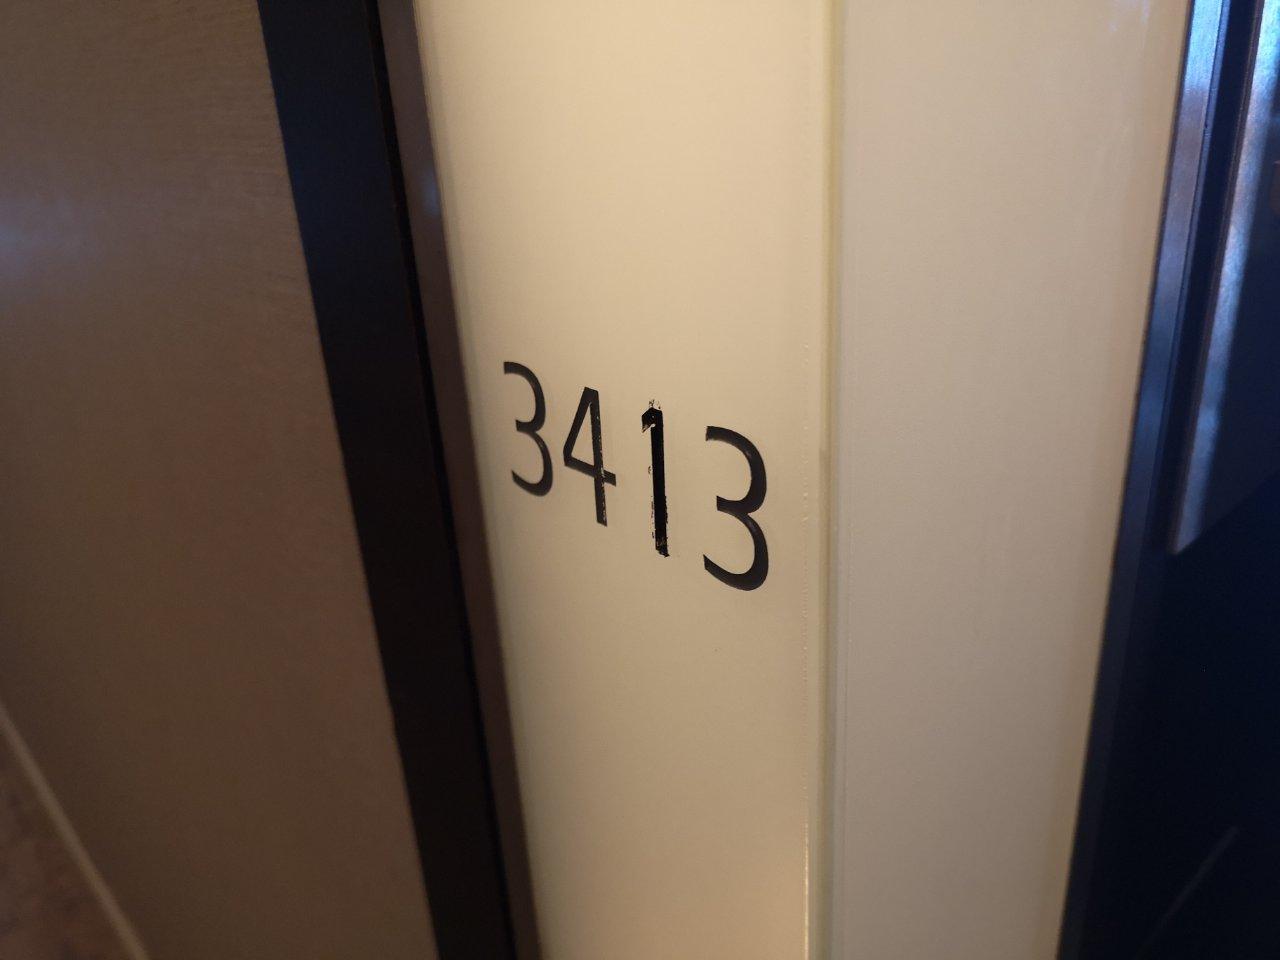 ヒルトンクアラルンプール3413号室1